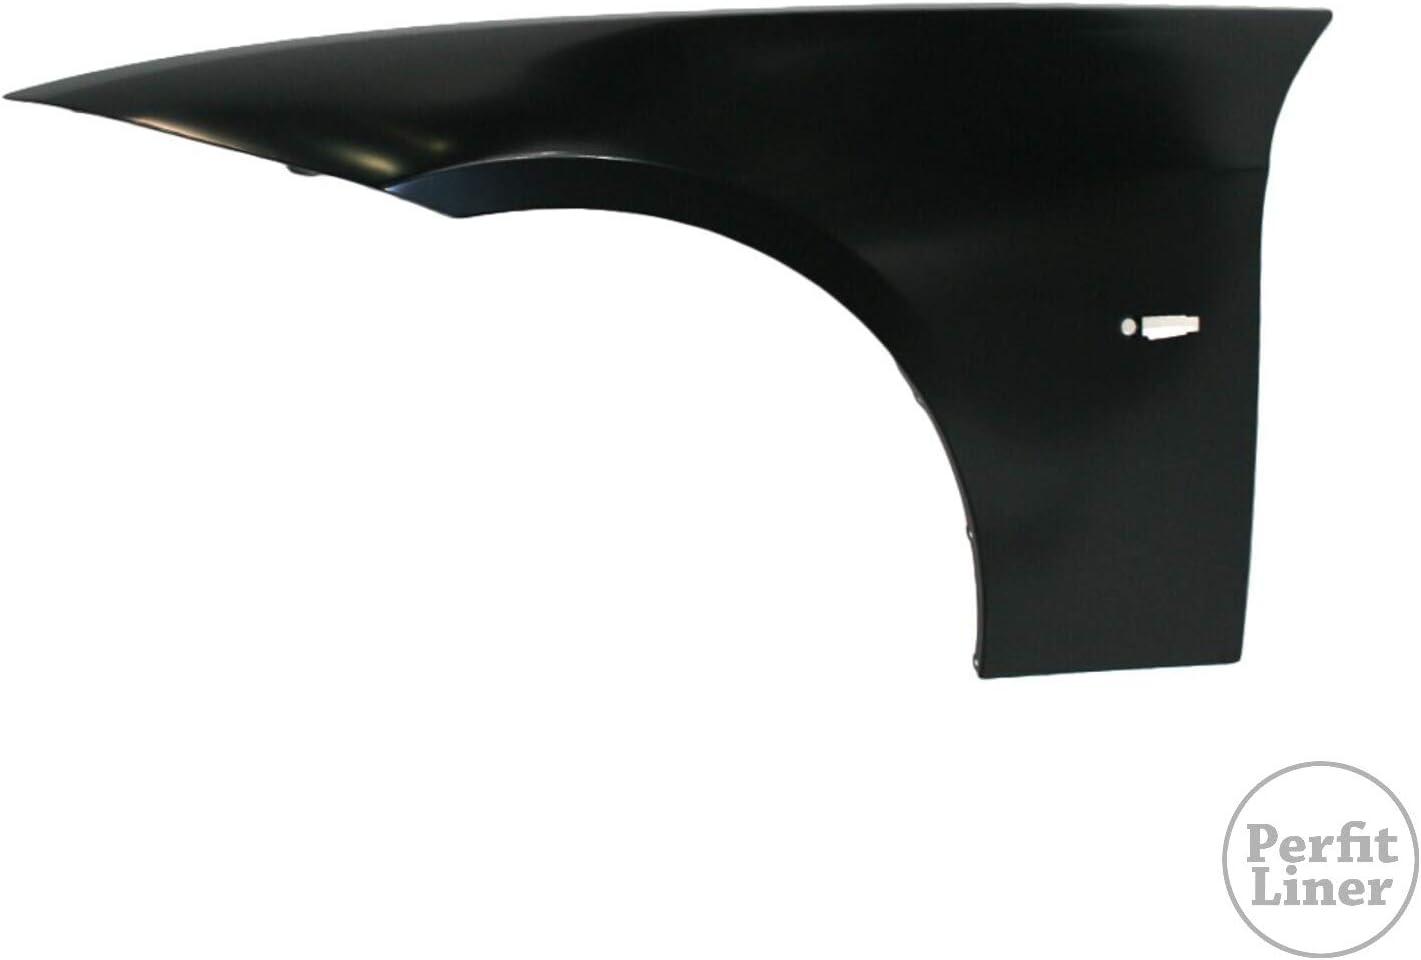 Perfit Liner Front Left Driver Side Fender Assembly 06-11 Compatible With BMW E90 E91 3 Series 4 Door Sedan Wagon 323i 325i 325xi 328i 328xi 330i 330xi 335i xDrive Fits BM1240138 41357135679